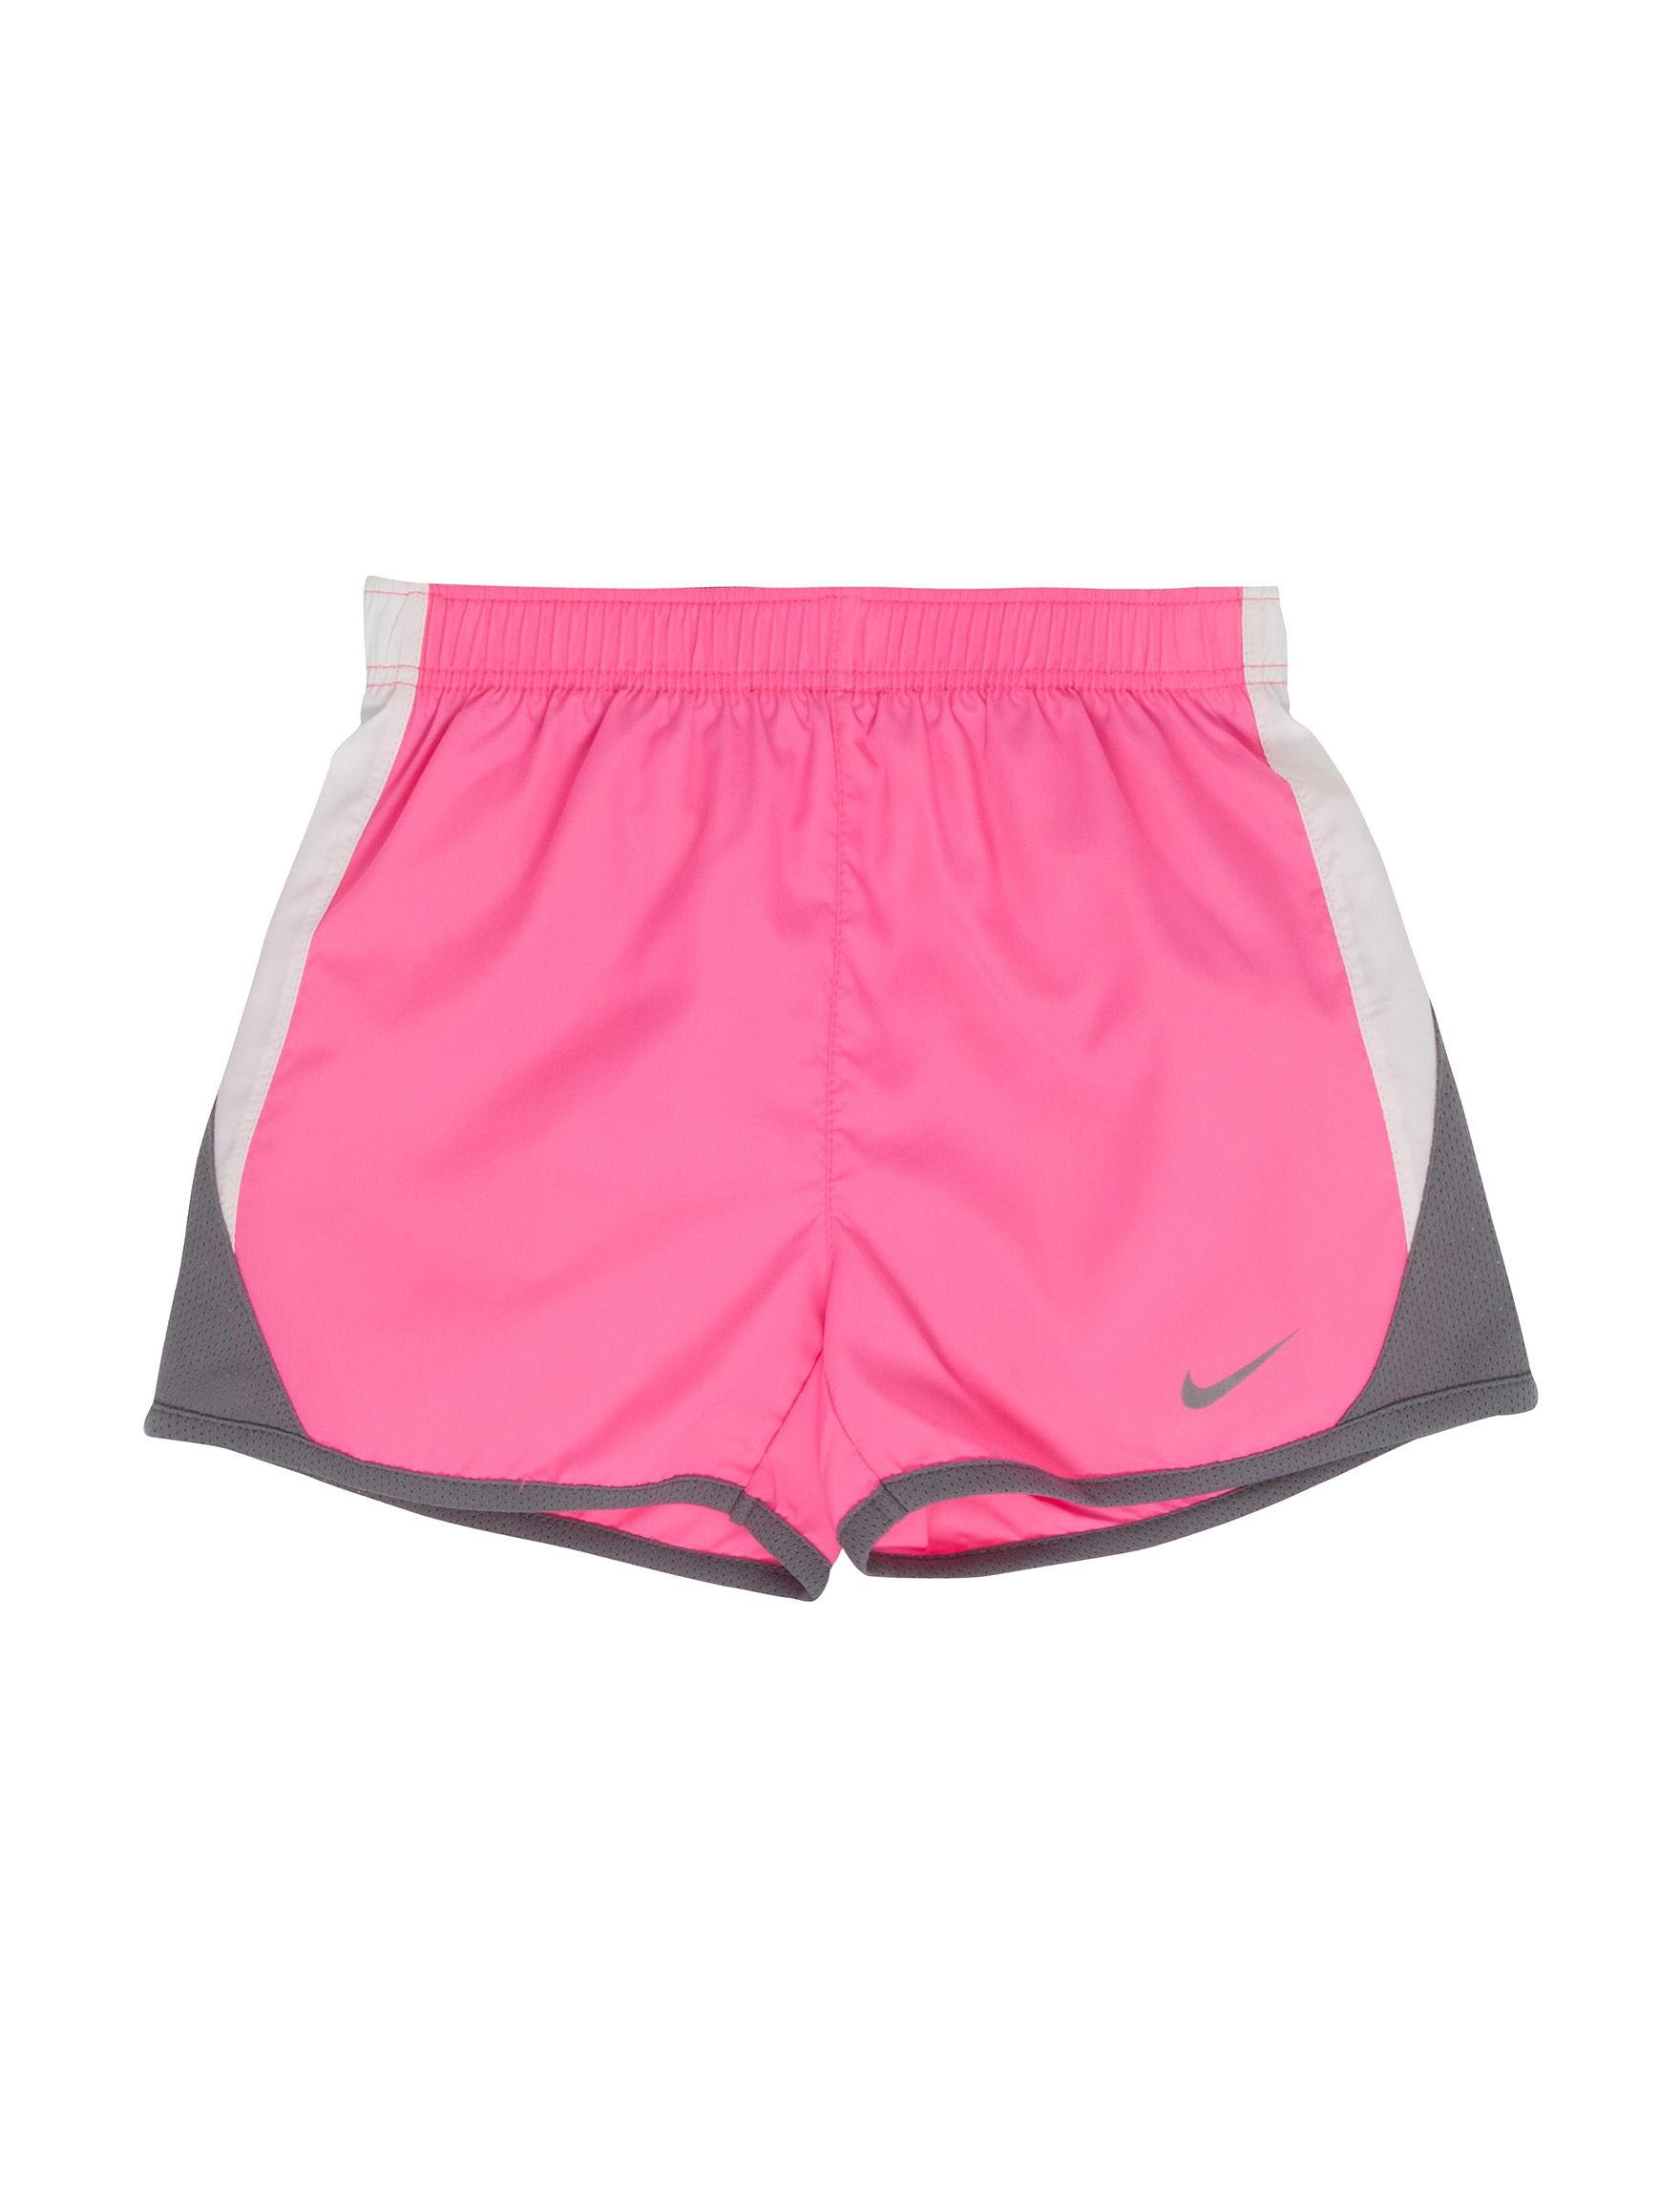 Nike Pink Loose